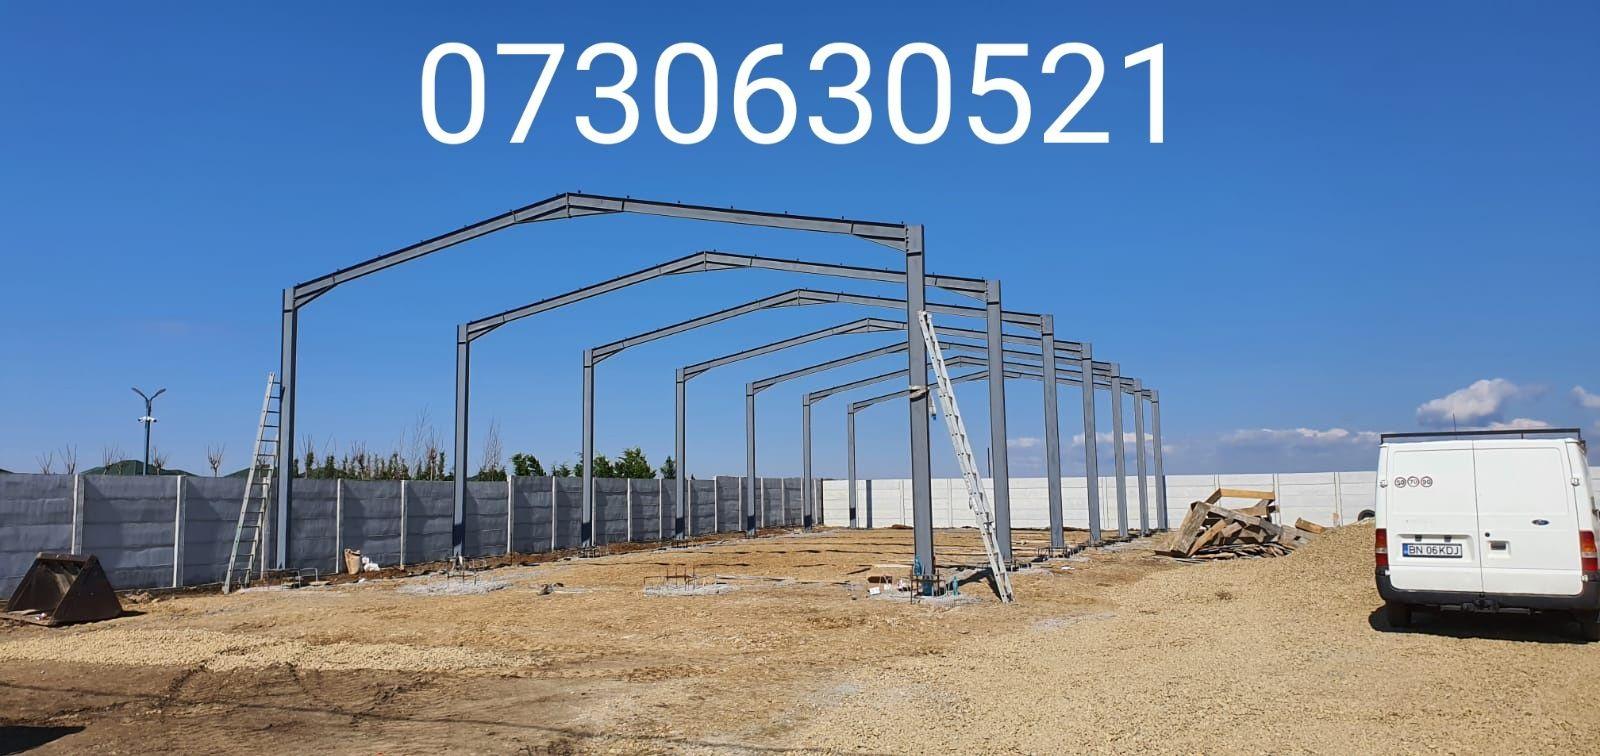 Vând structura metalica 8x20x3 din țeavă rectangulară 80x40x3 Ranforsa